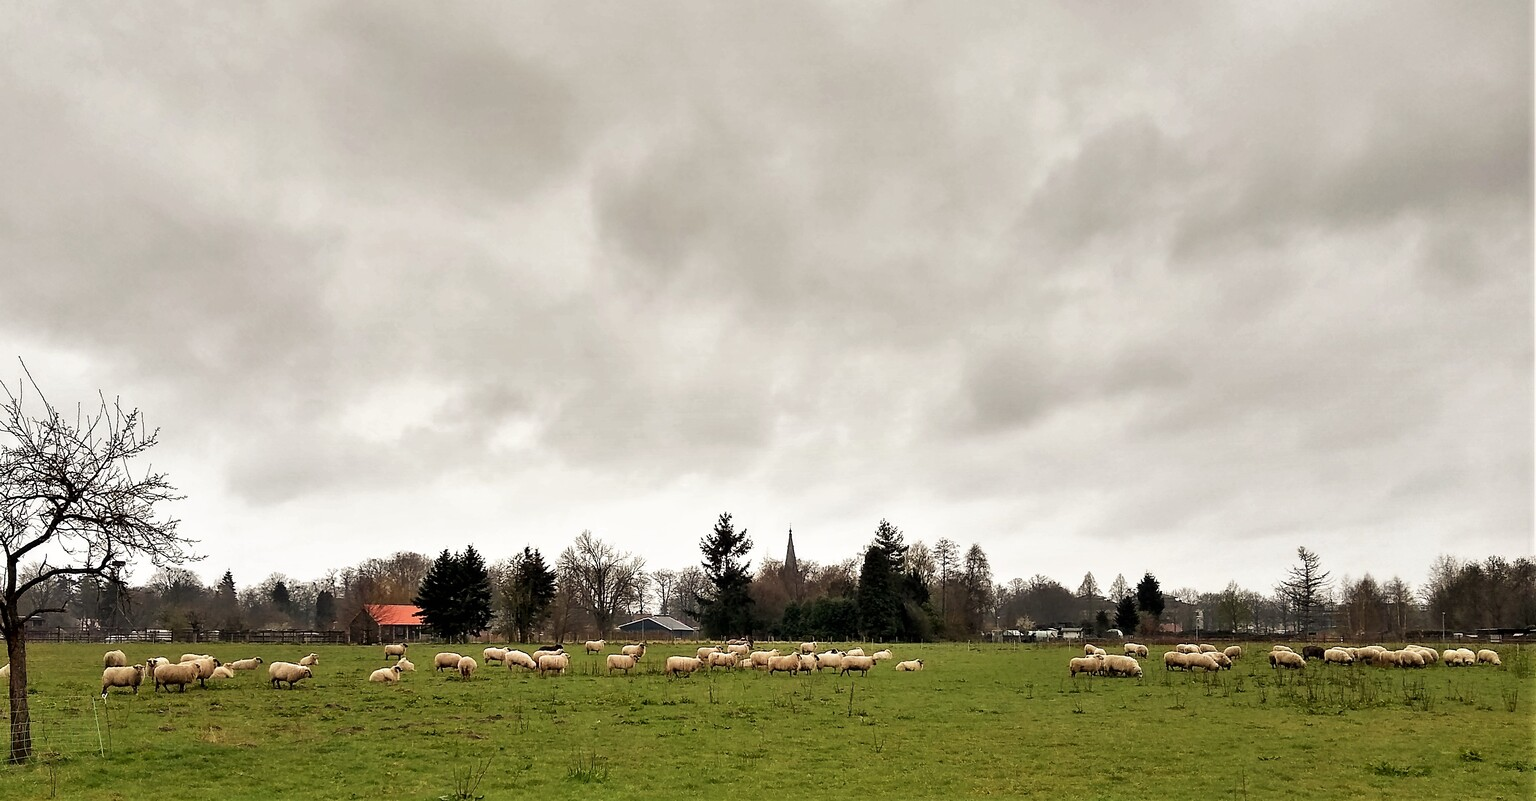 de Grolse weiden - Schaapskudde op de Grolse weiden. - foto door airam45 op 10-04-2021 - locatie: Groenlo, Nederland - deze foto bevat: wolk, lucht, fabriek, boom, natuurlijk landschap, land veel, gras, hoogland, huis, grasland